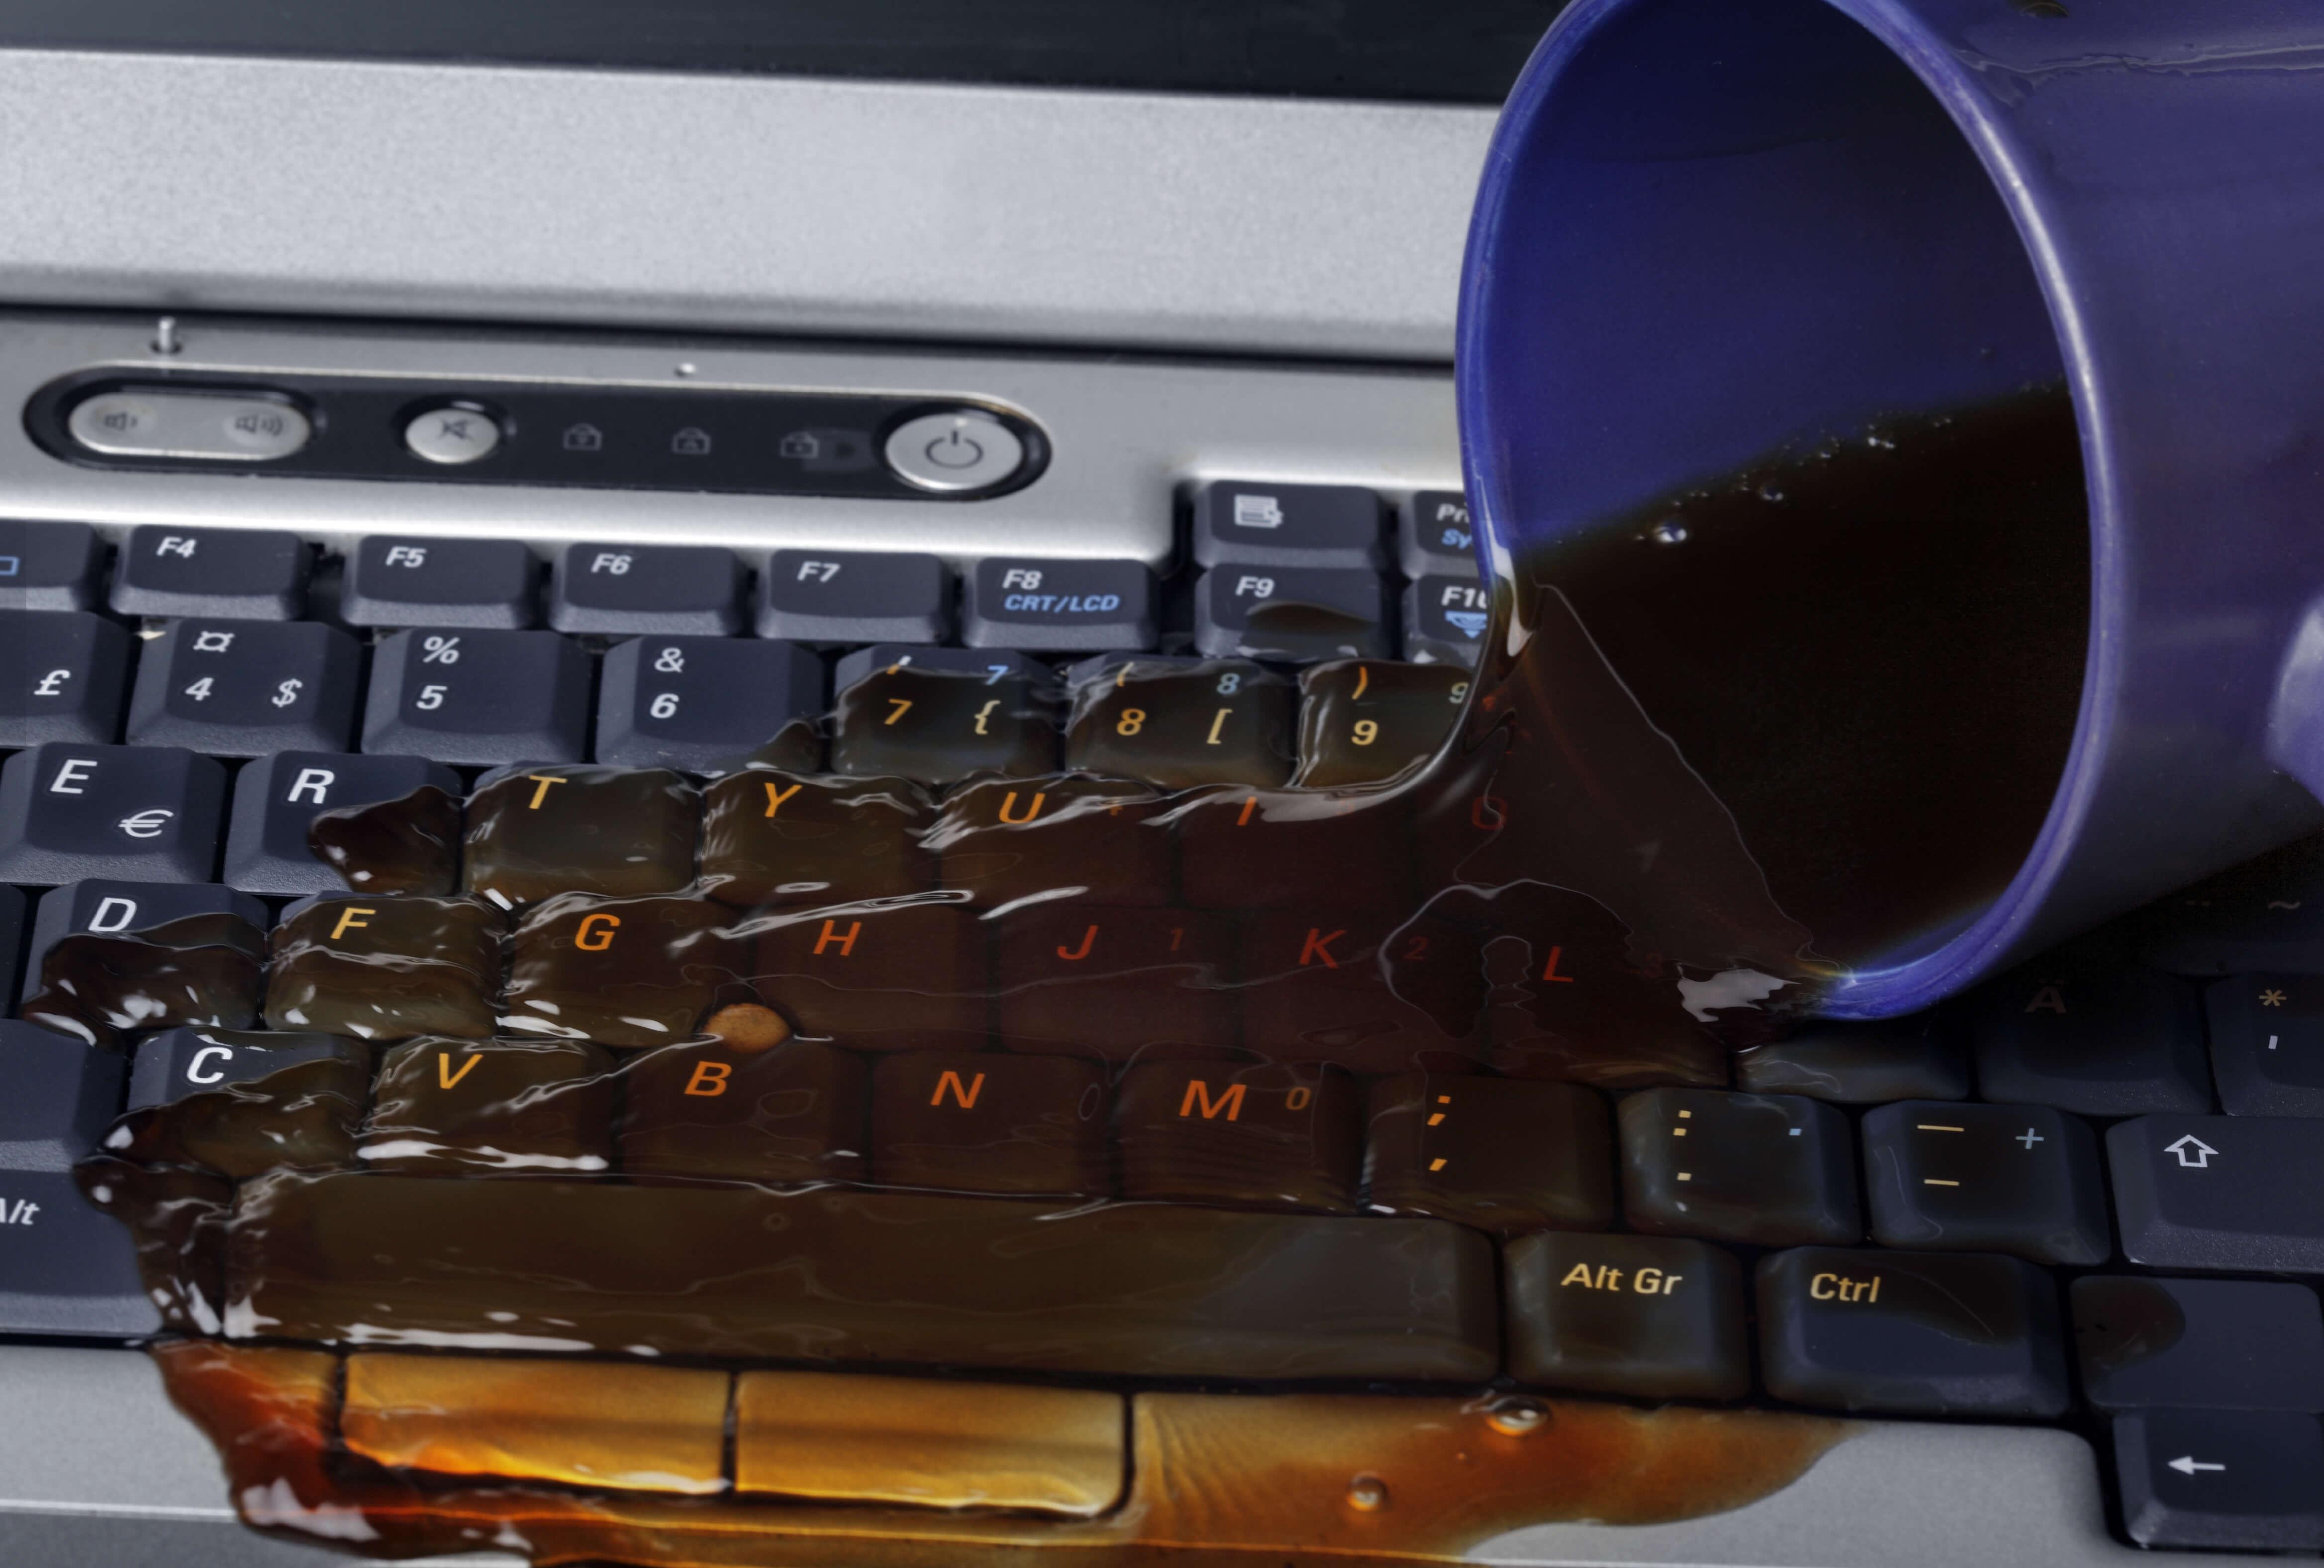 laptop liquid spill repair Australia Melbourne